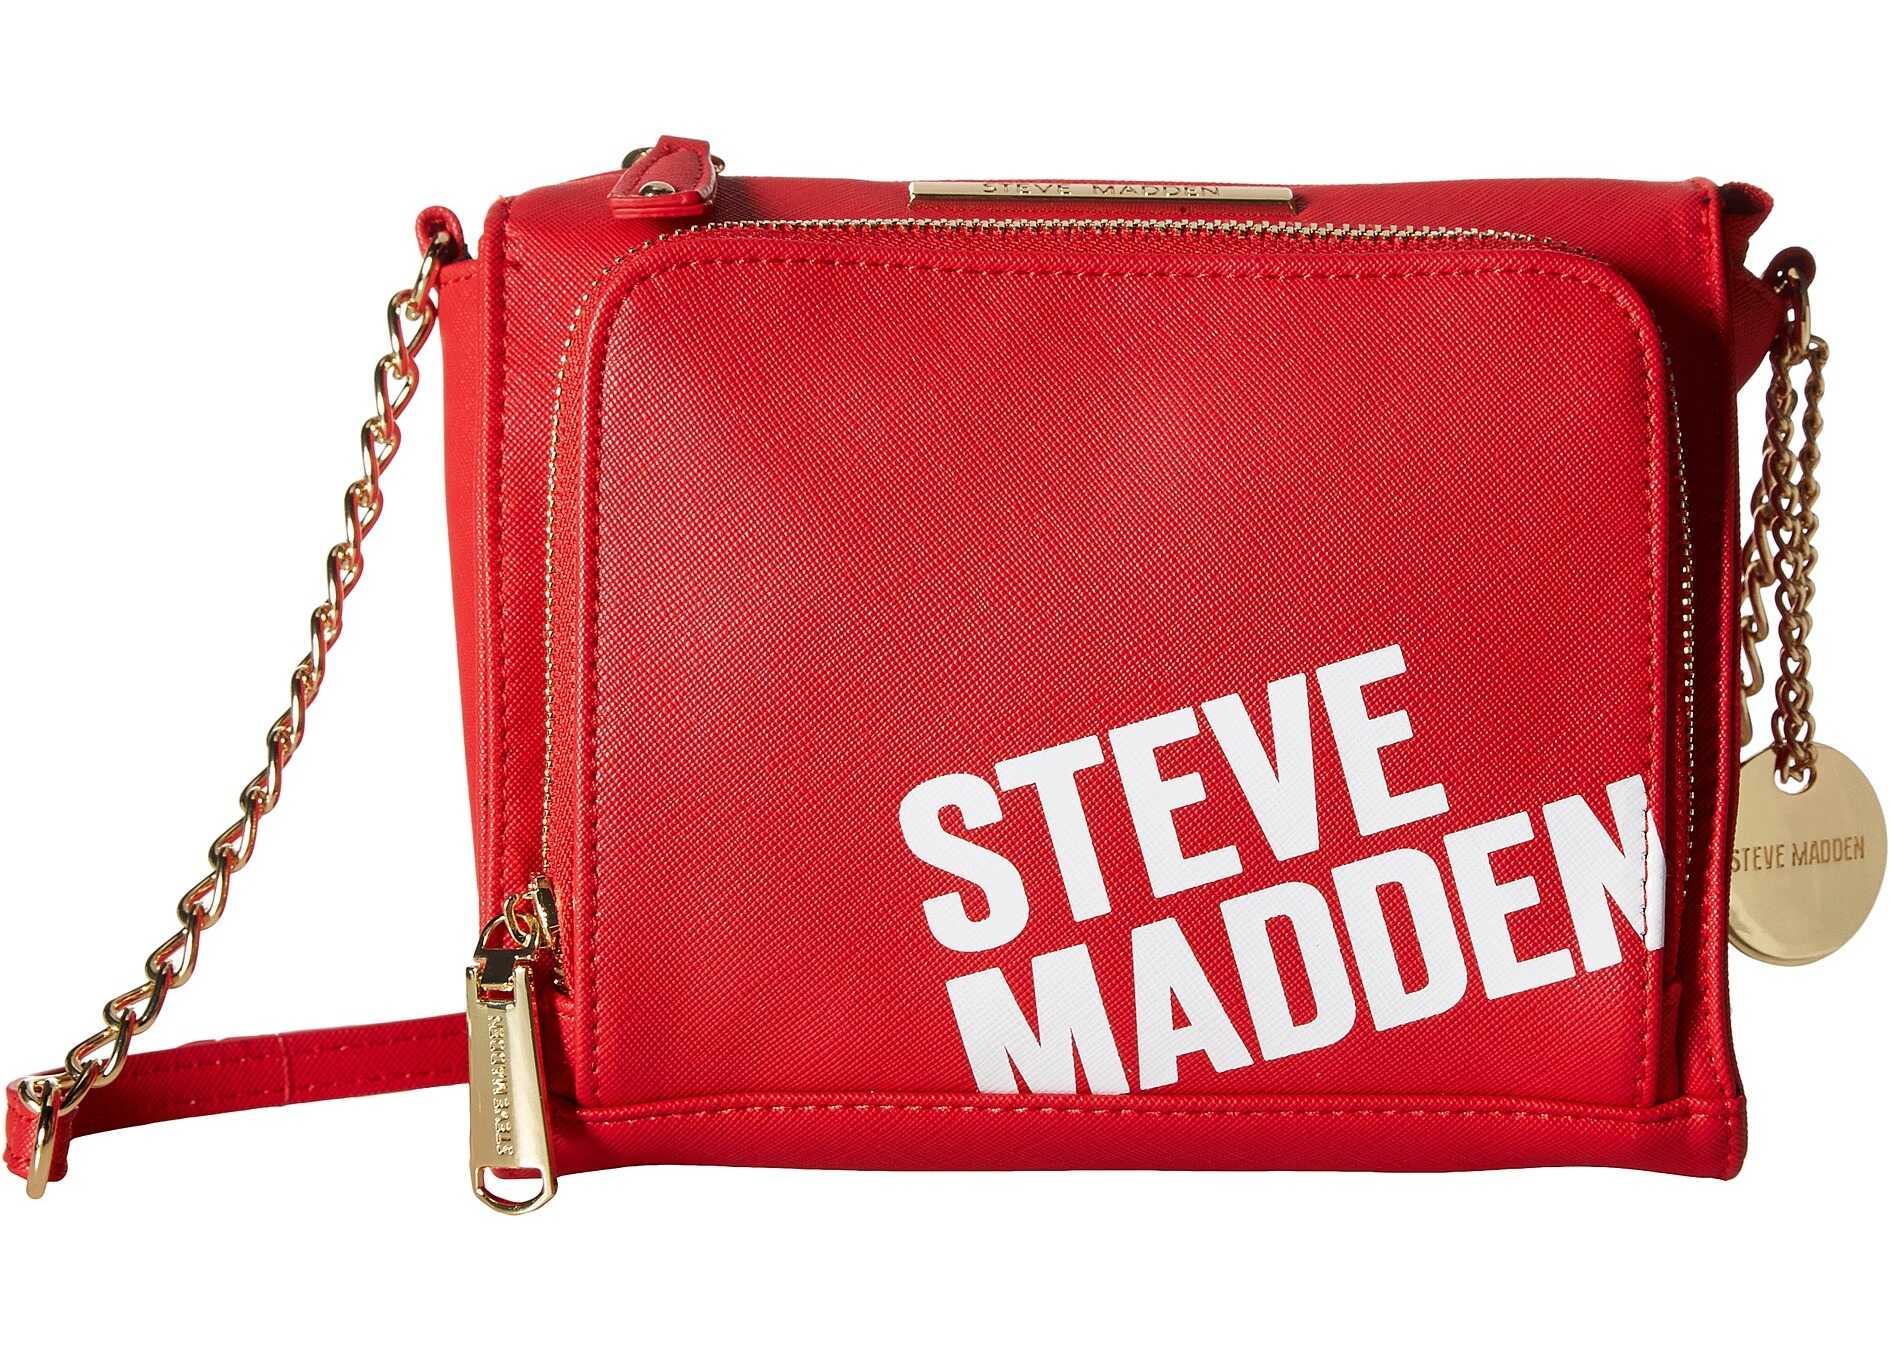 Steve Madden Bgrande Red